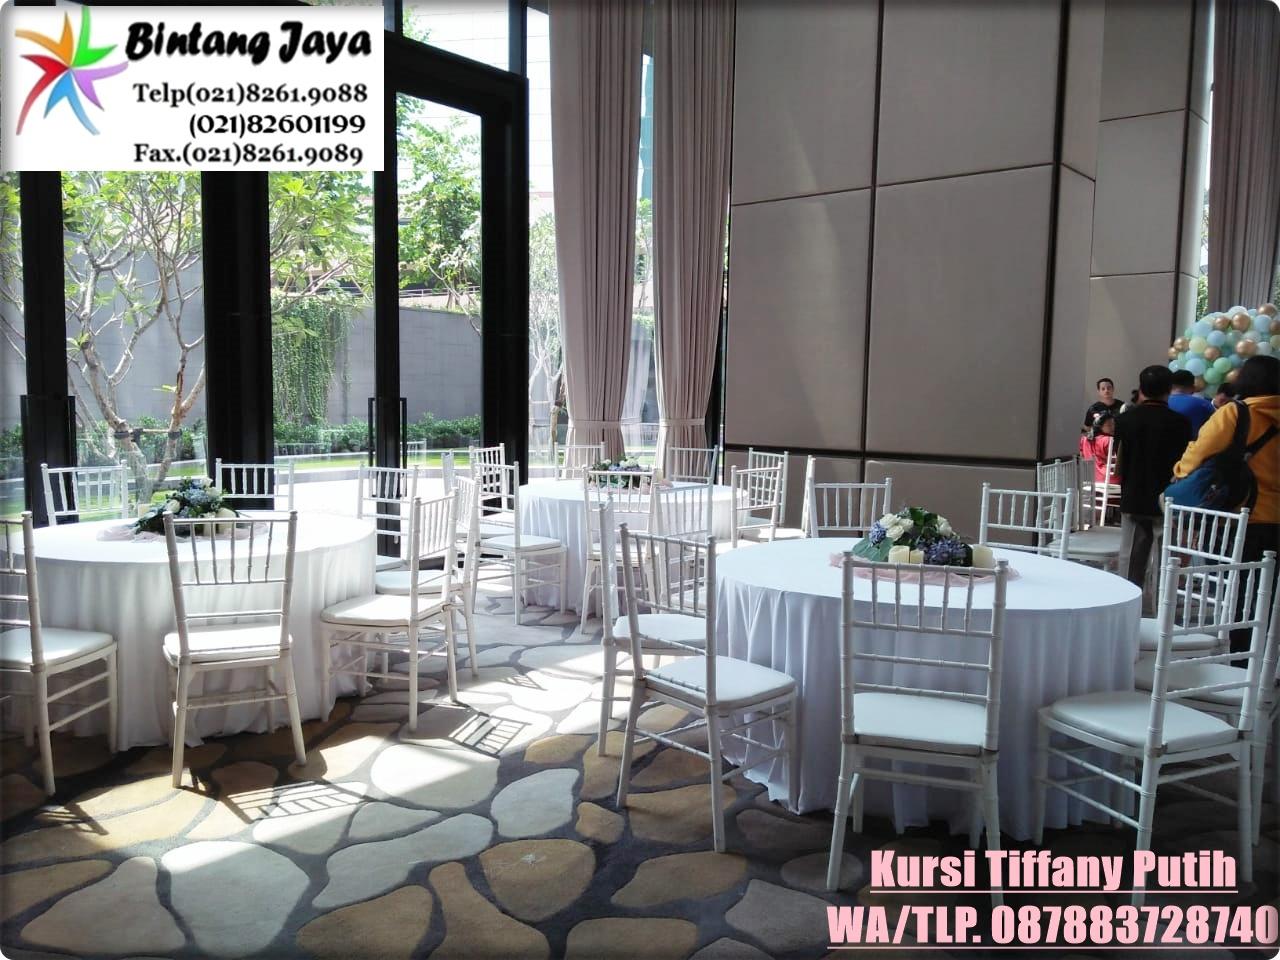 Menyewakan Kursi Tiffany Bogor